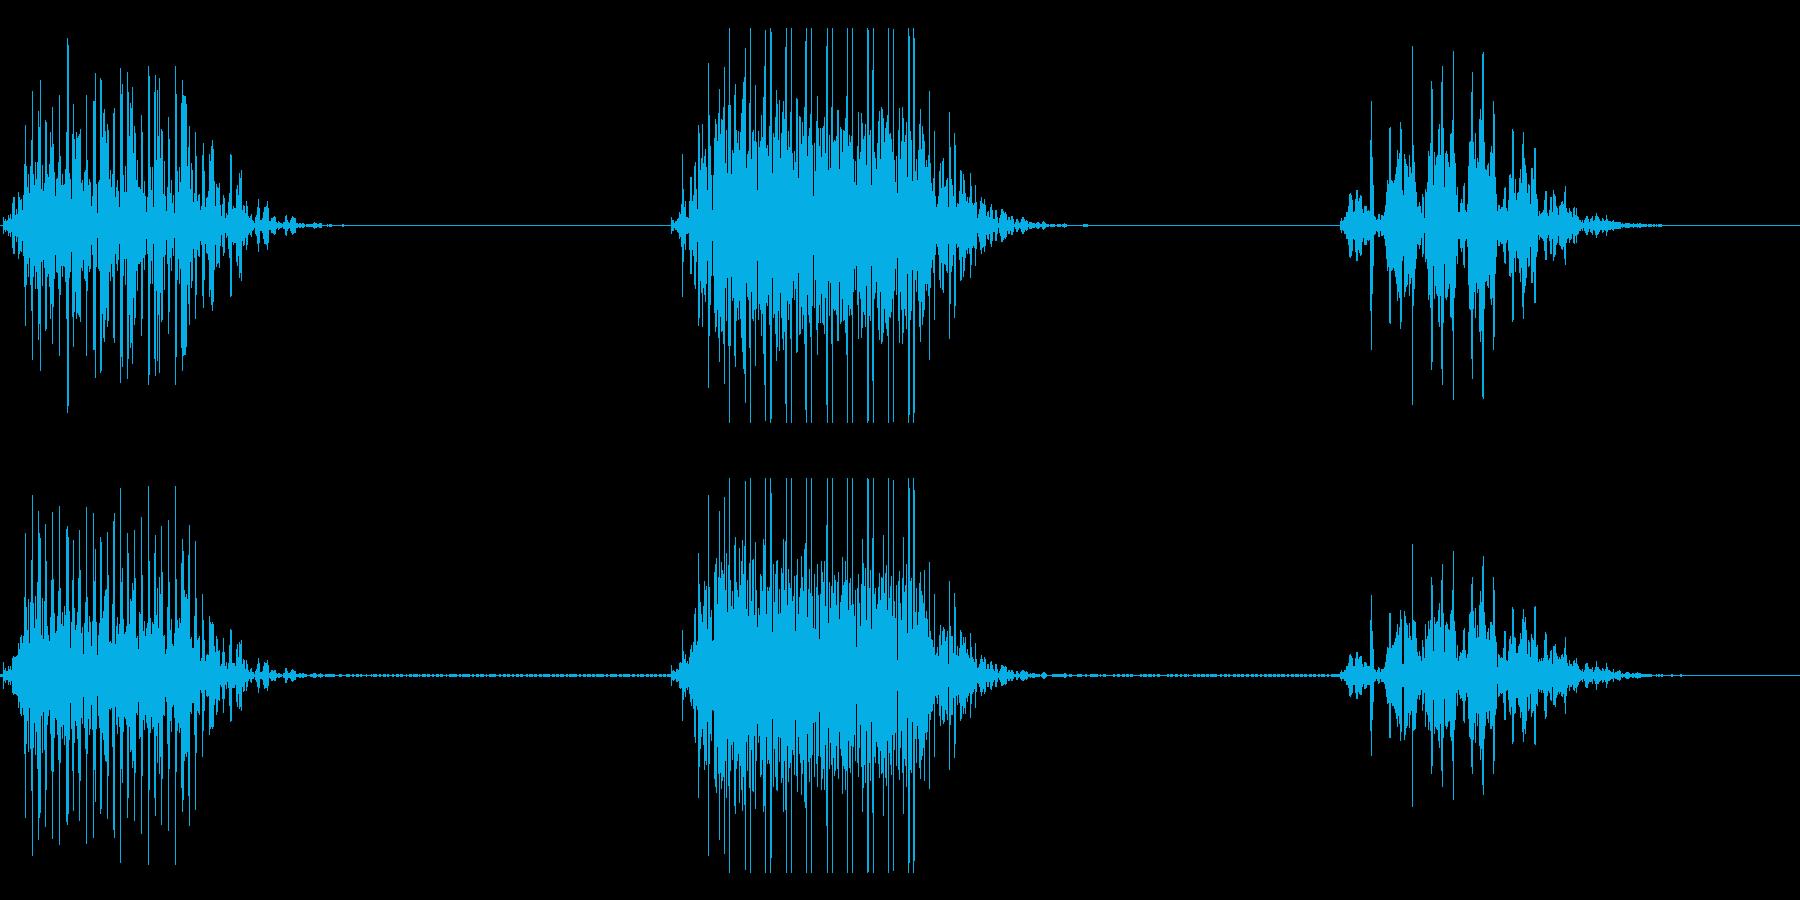 ちゃんちゃん(オチ)ver2の再生済みの波形